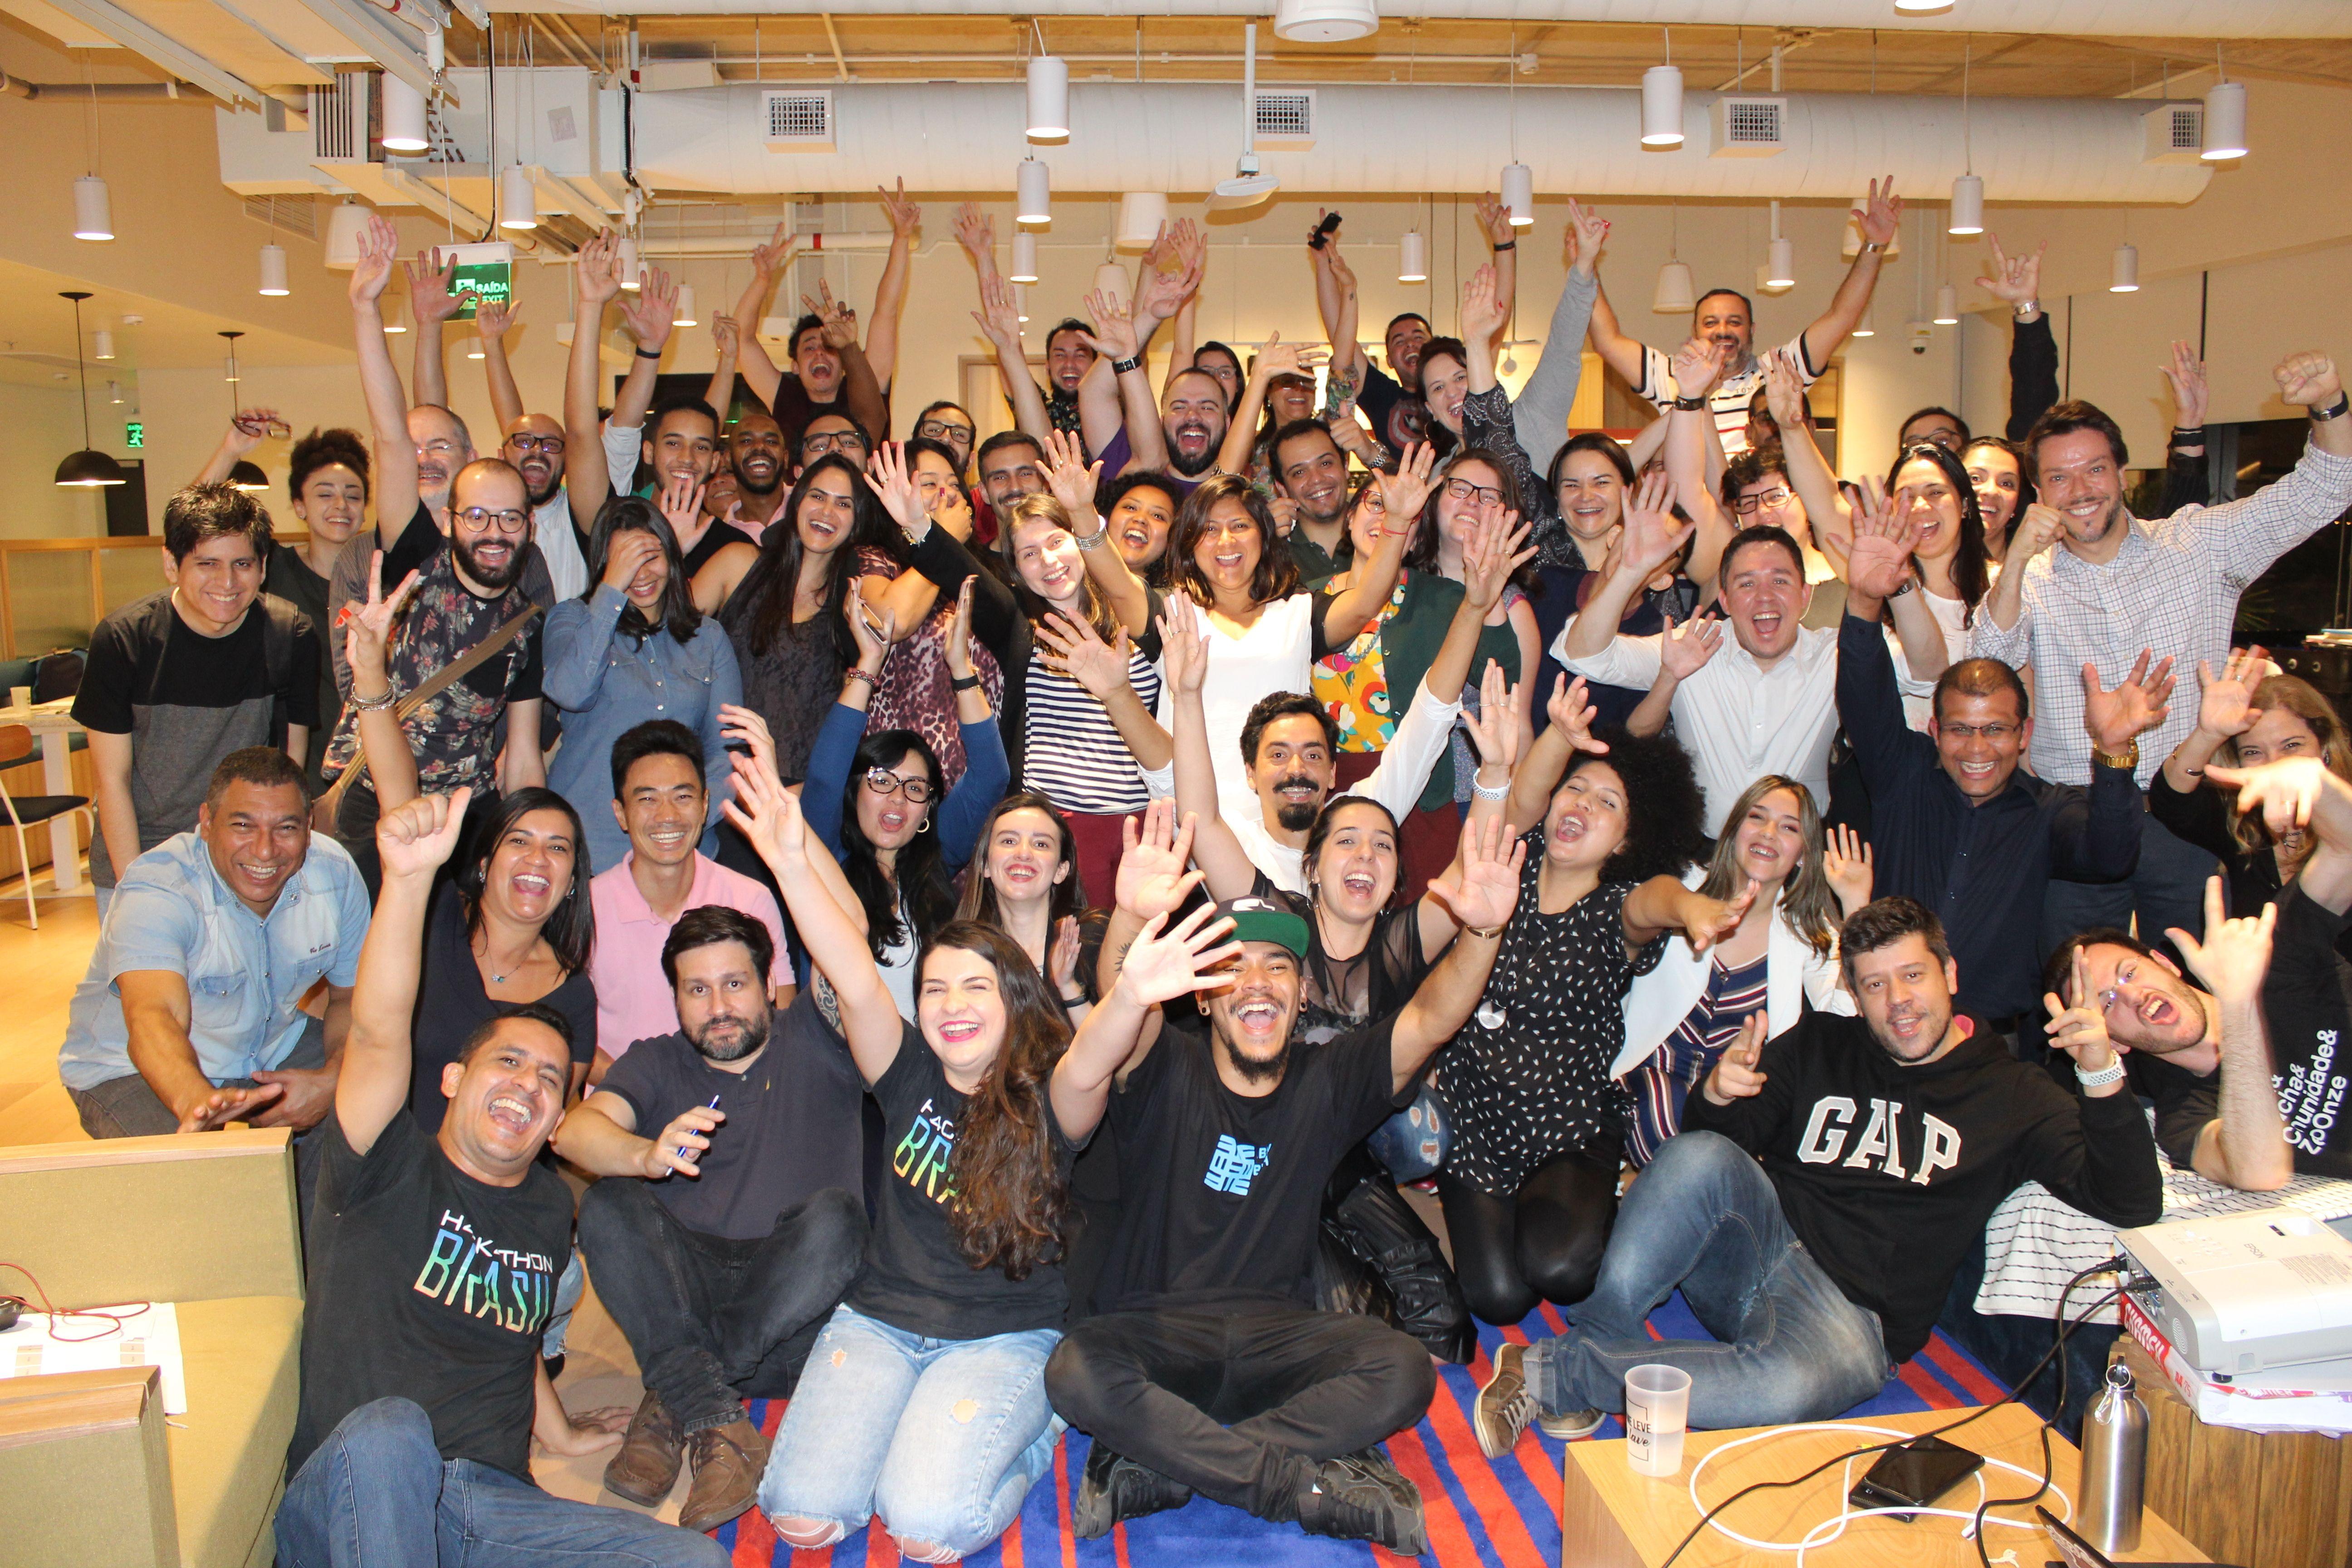 Grupo Social Impact - Comunidade Hackathon Brasil